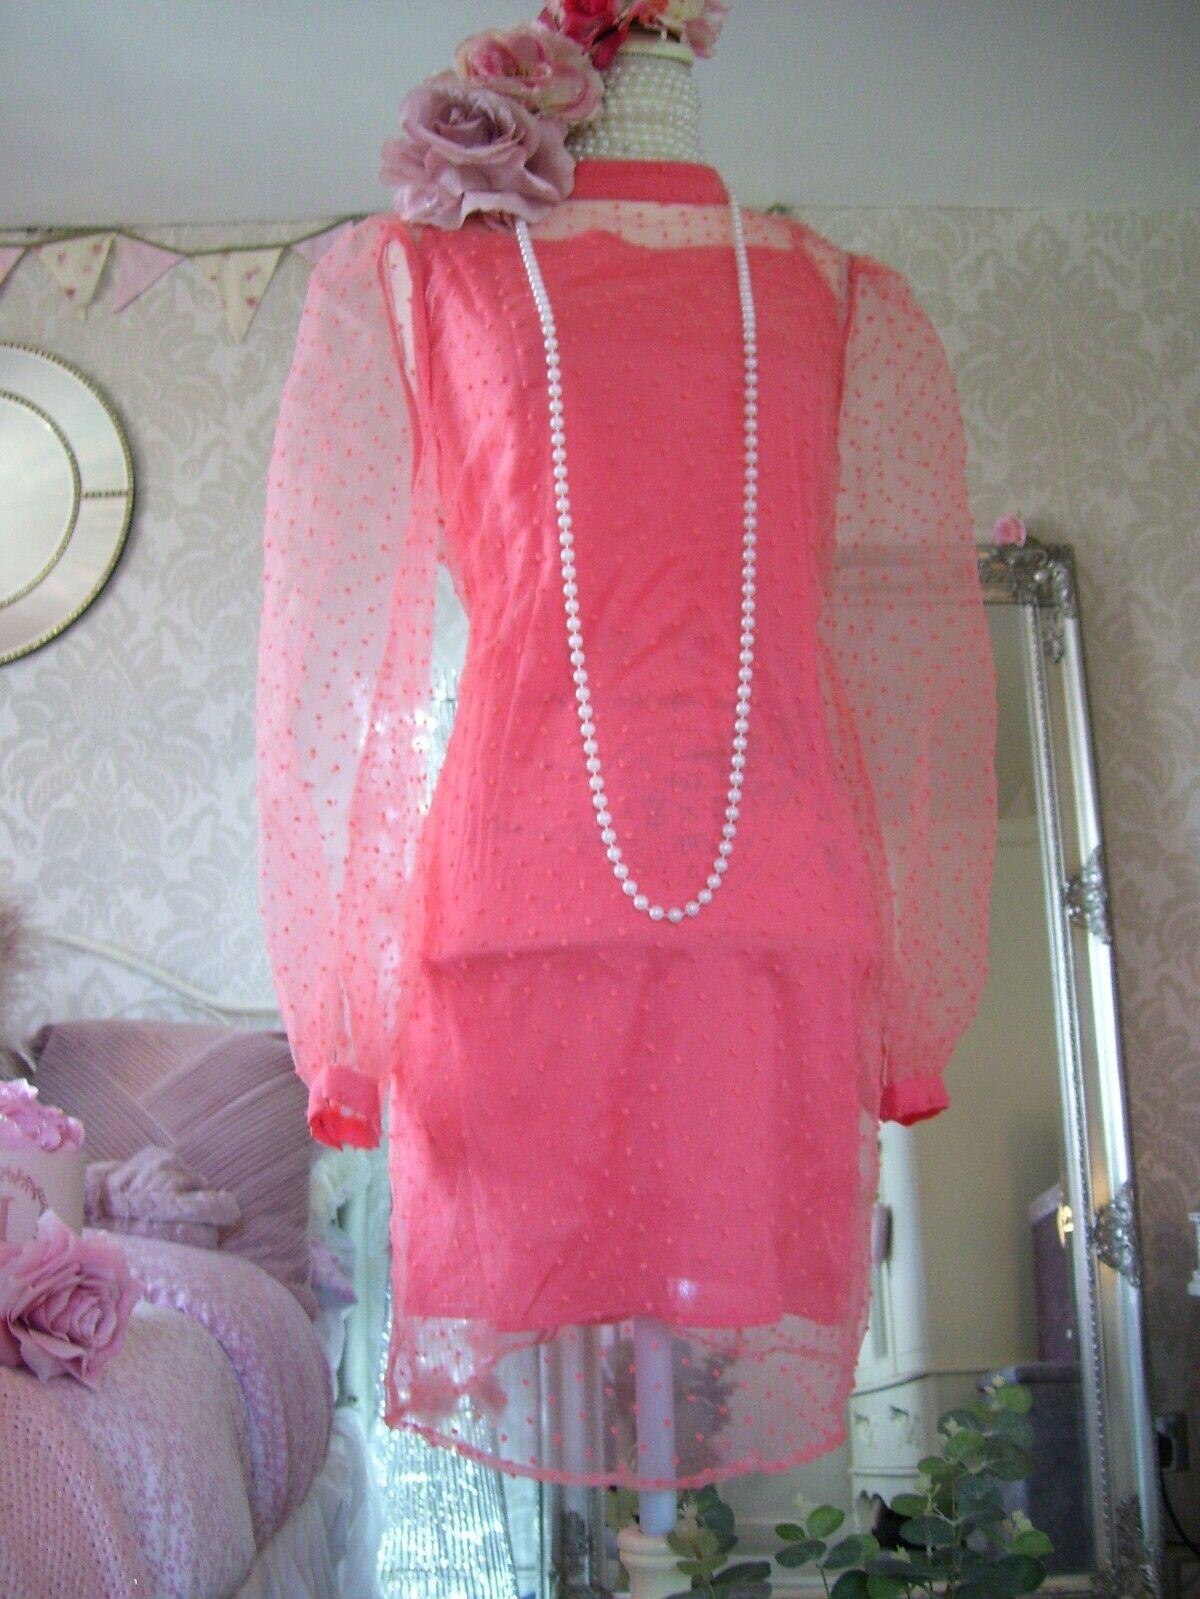 Coast New Tags coral sheer polka dot size 14 new tags dress wedding